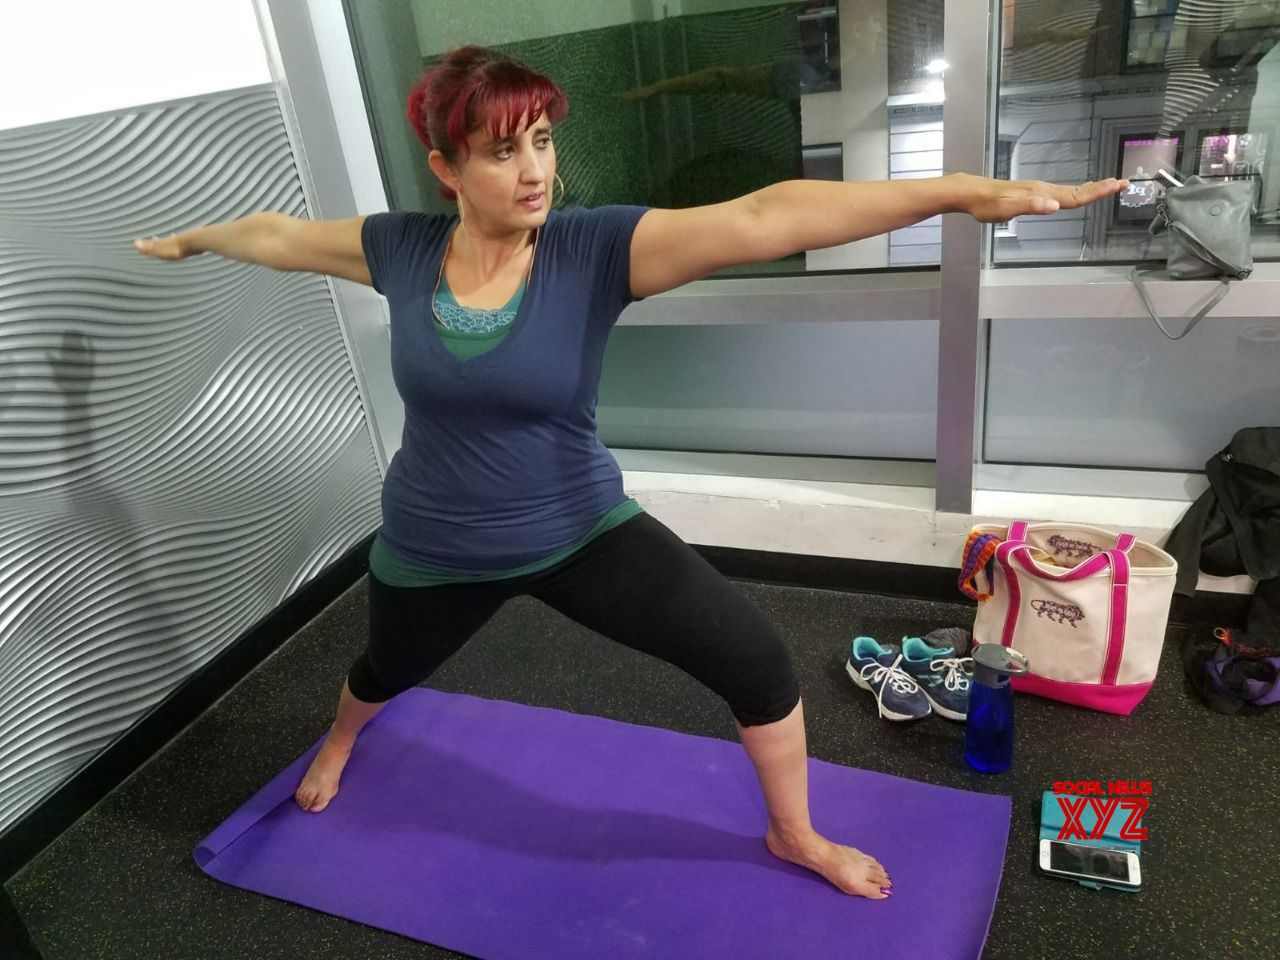 Actress Jyoti Singh Celebrates International Yoga Day In New York